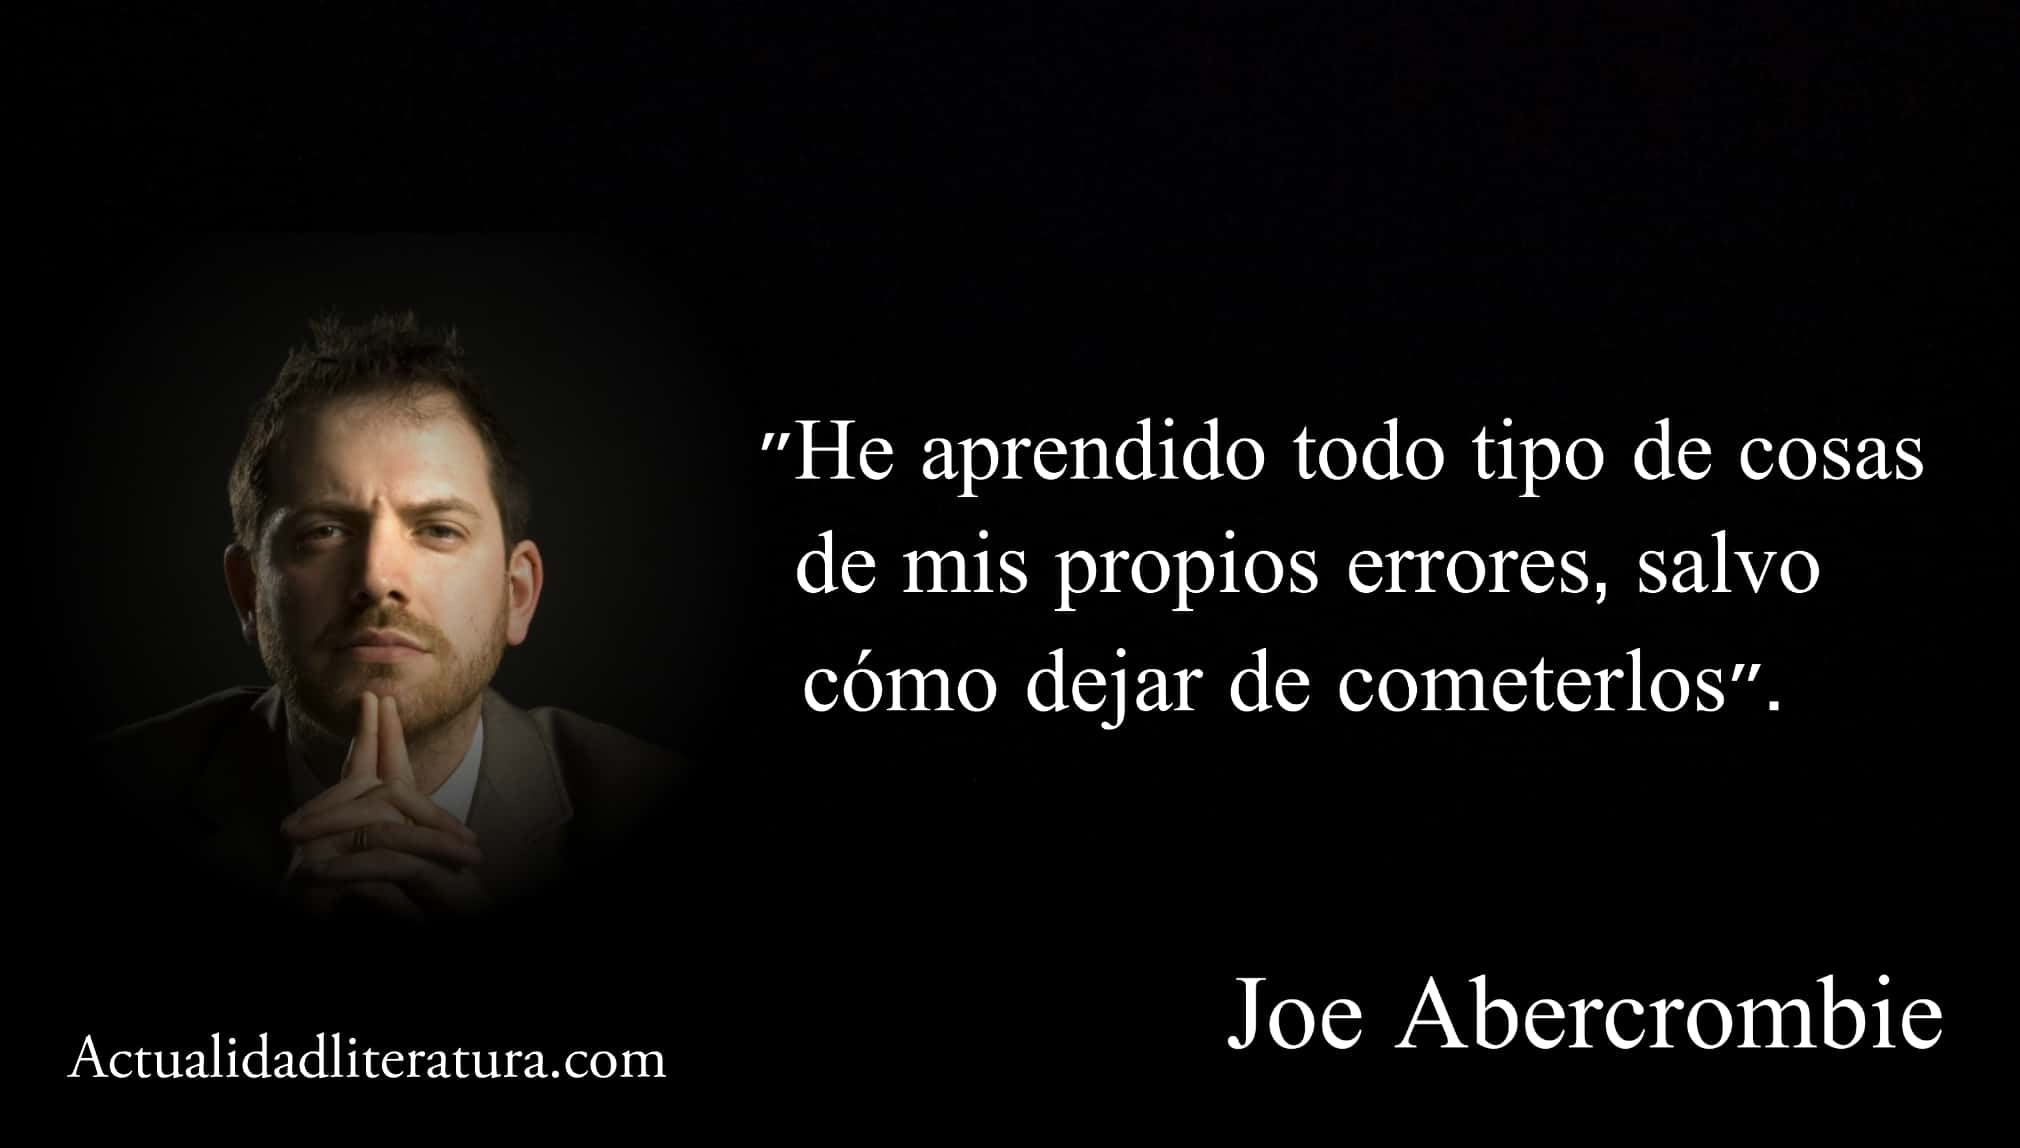 Frase de Joe Abercrombie